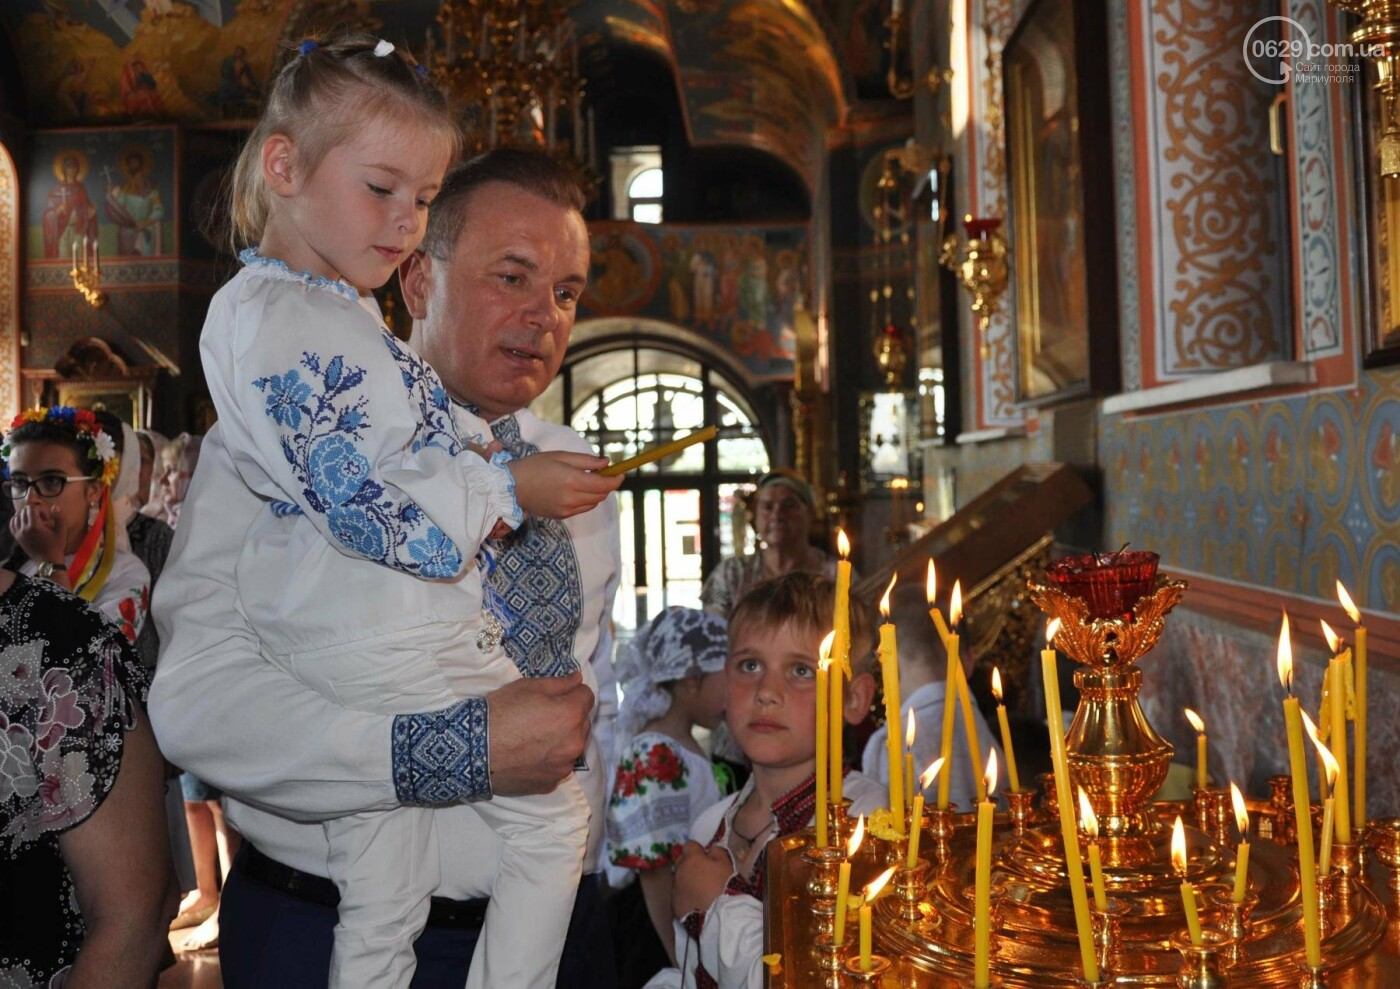 Праздник Вознесения и День вышиванки объединили прихожан в Свято-Покровском храме с.Боевое, фото-21